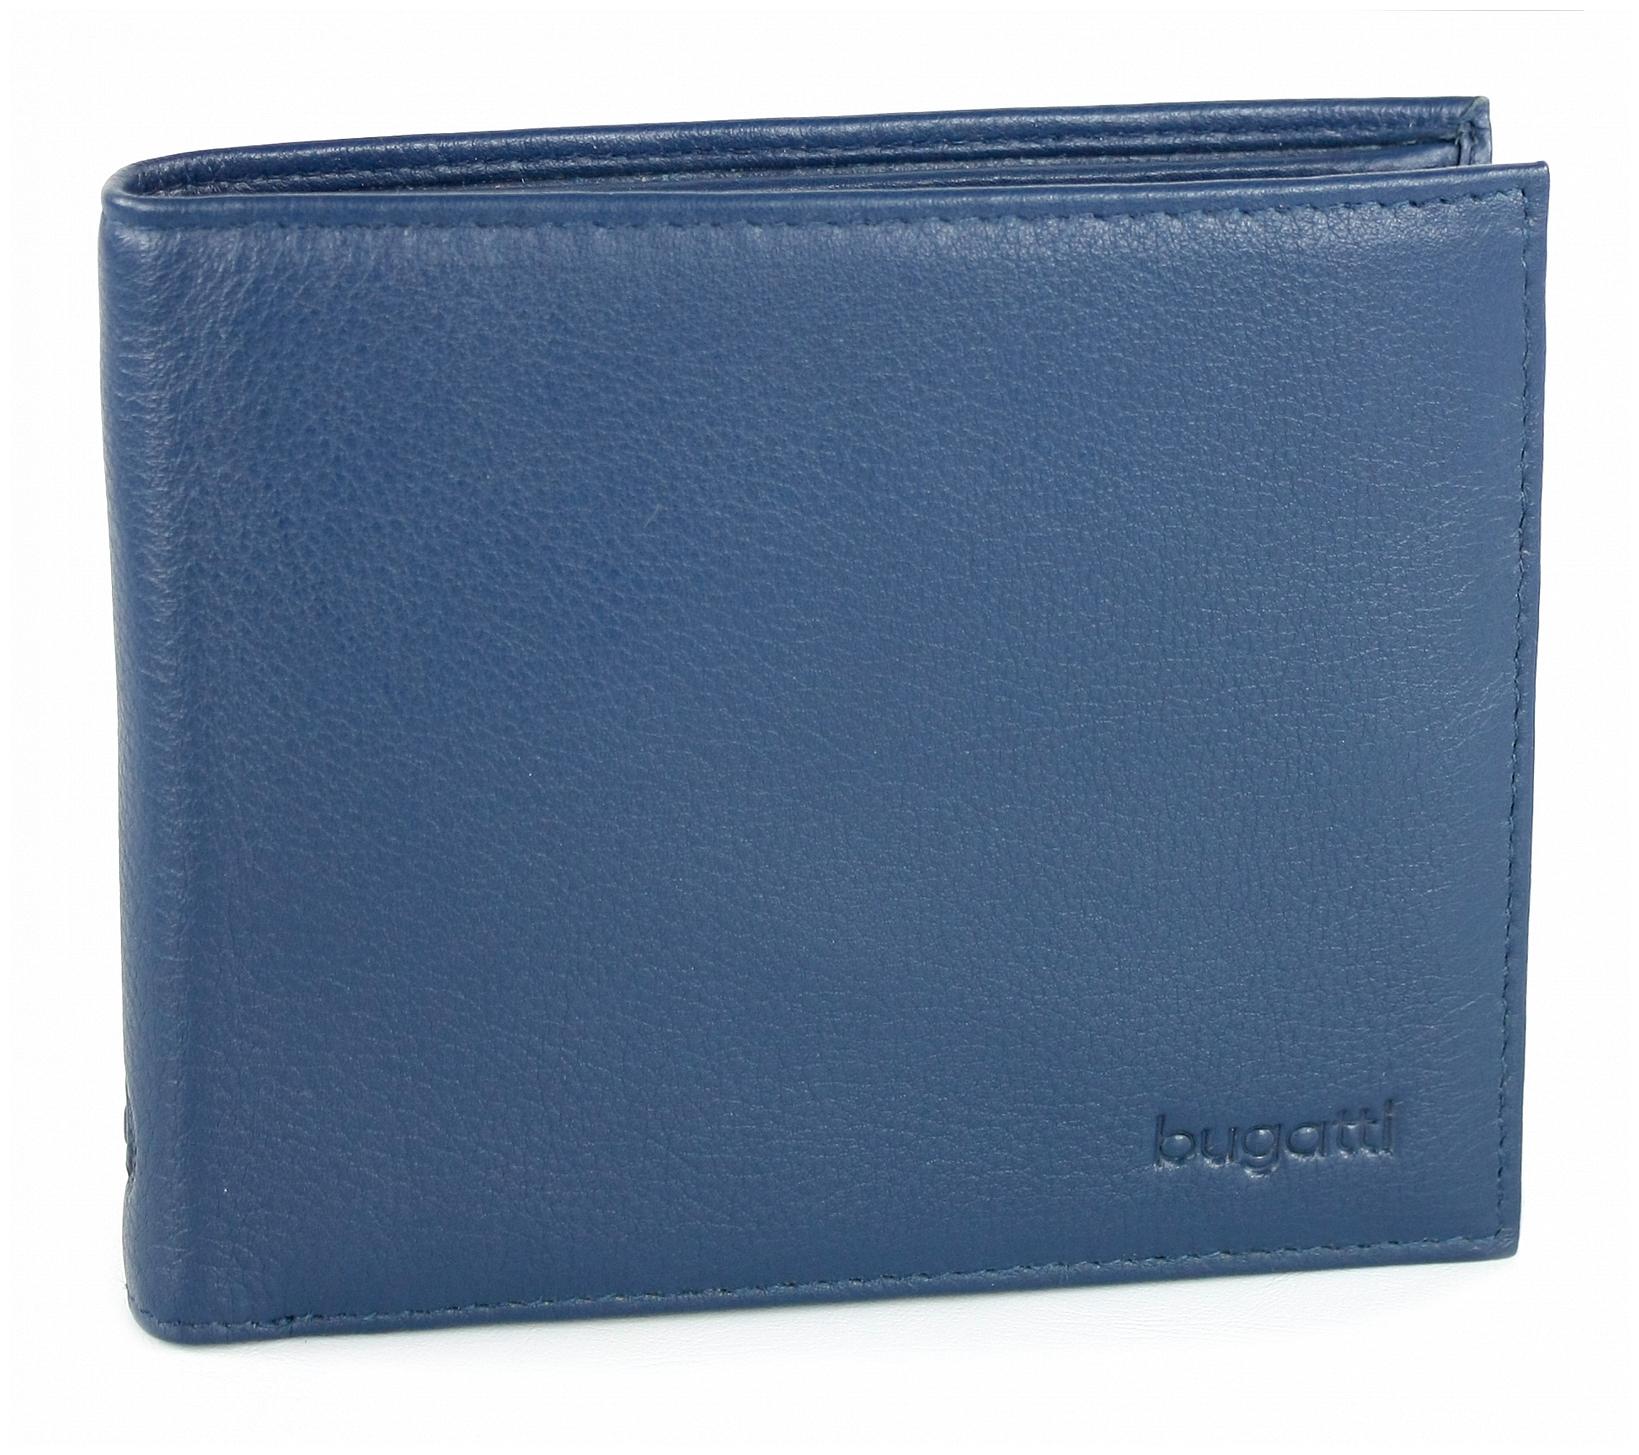 Bugatti Pánská kožená peněženka SEMPRE 49117805 modrá